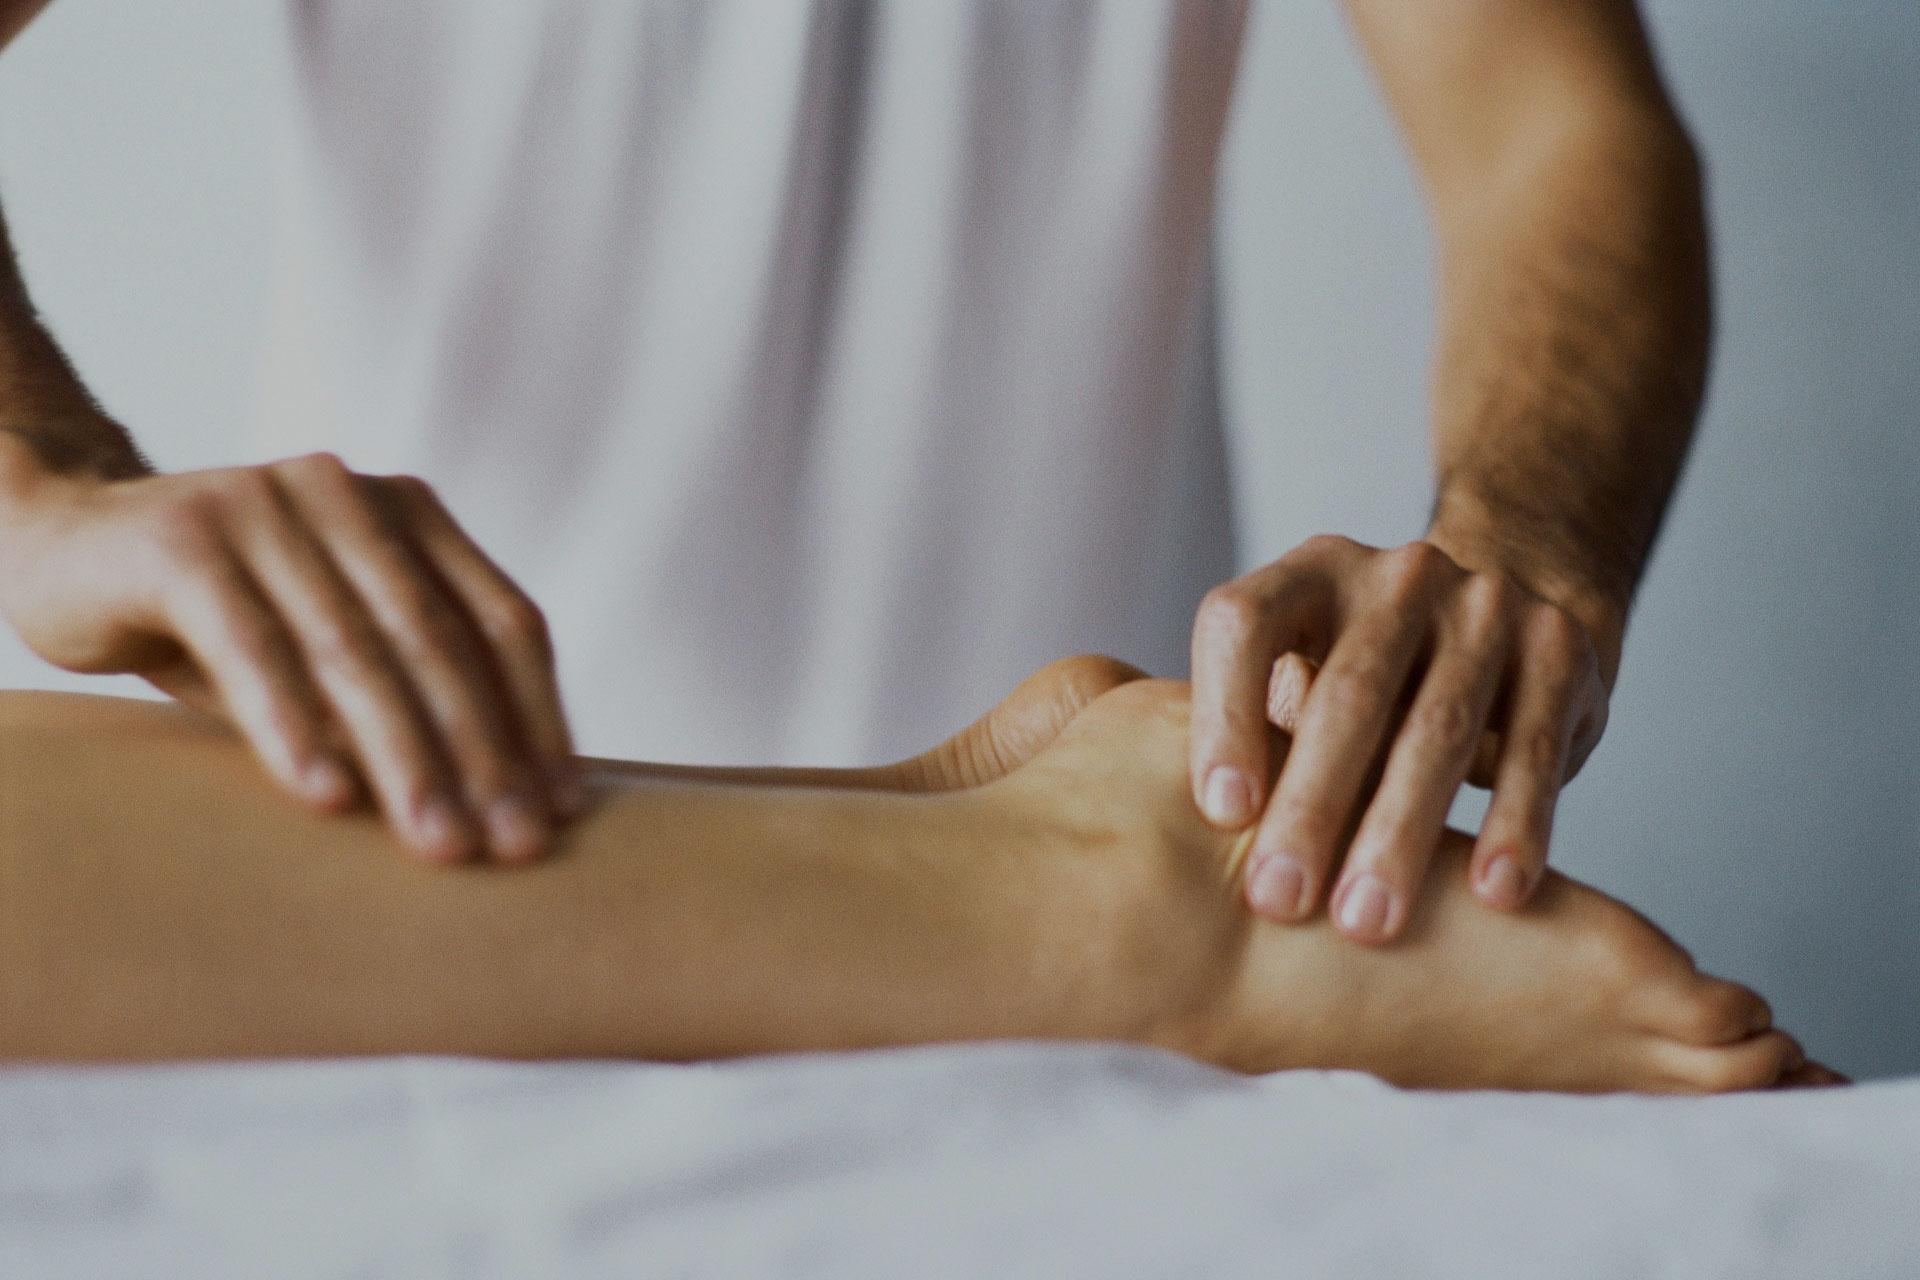 Behandling av fotbesvär och muskelvärk